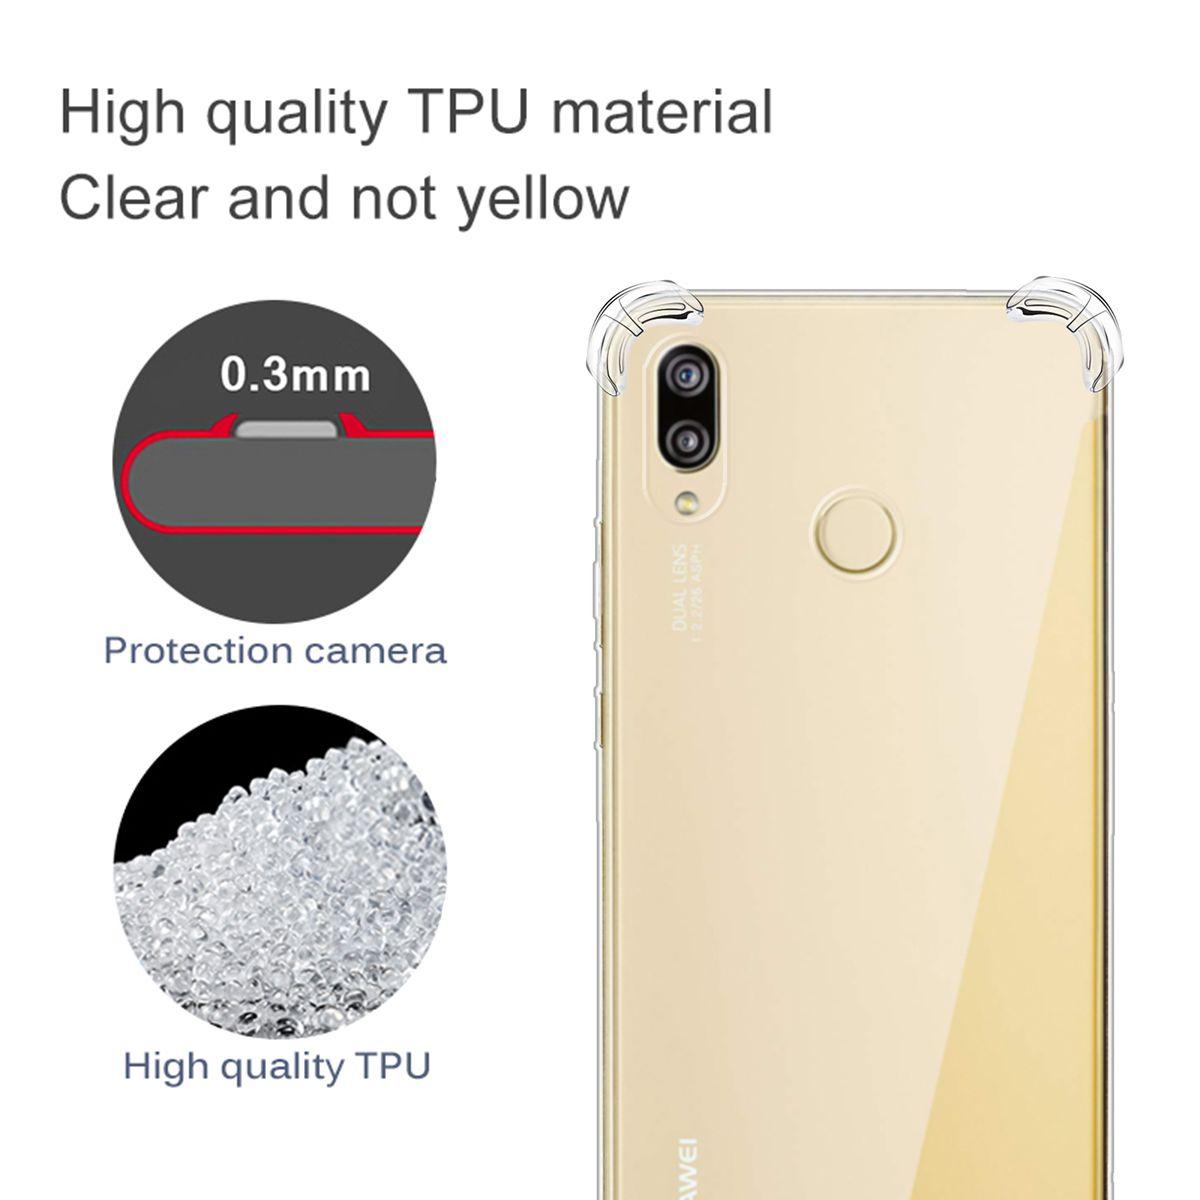 Coque En Silicone Transparente Antichoc Pour Huawei P20 / P20 Lite / P20 Pro / P30 / P30 Lite / P30 Pro Protection Arrière Lanière Proposé Par ...